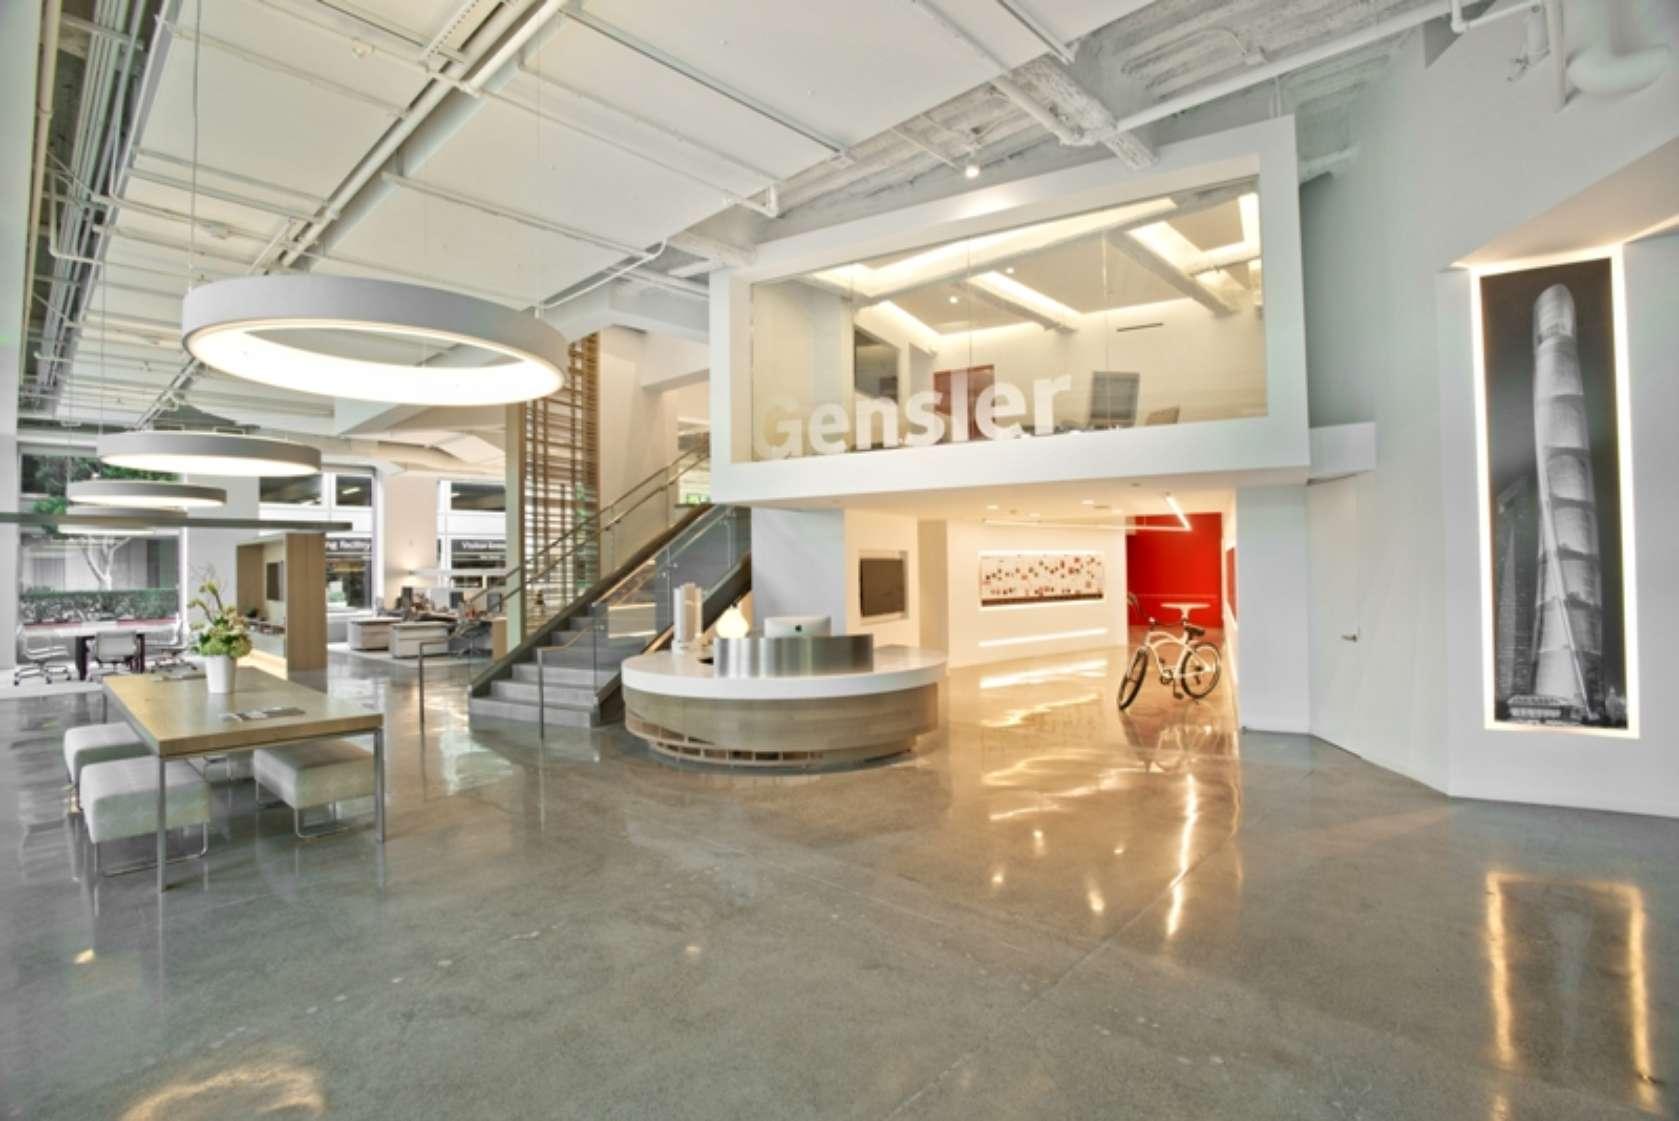 Gensler S New Creative Workspace Architizer